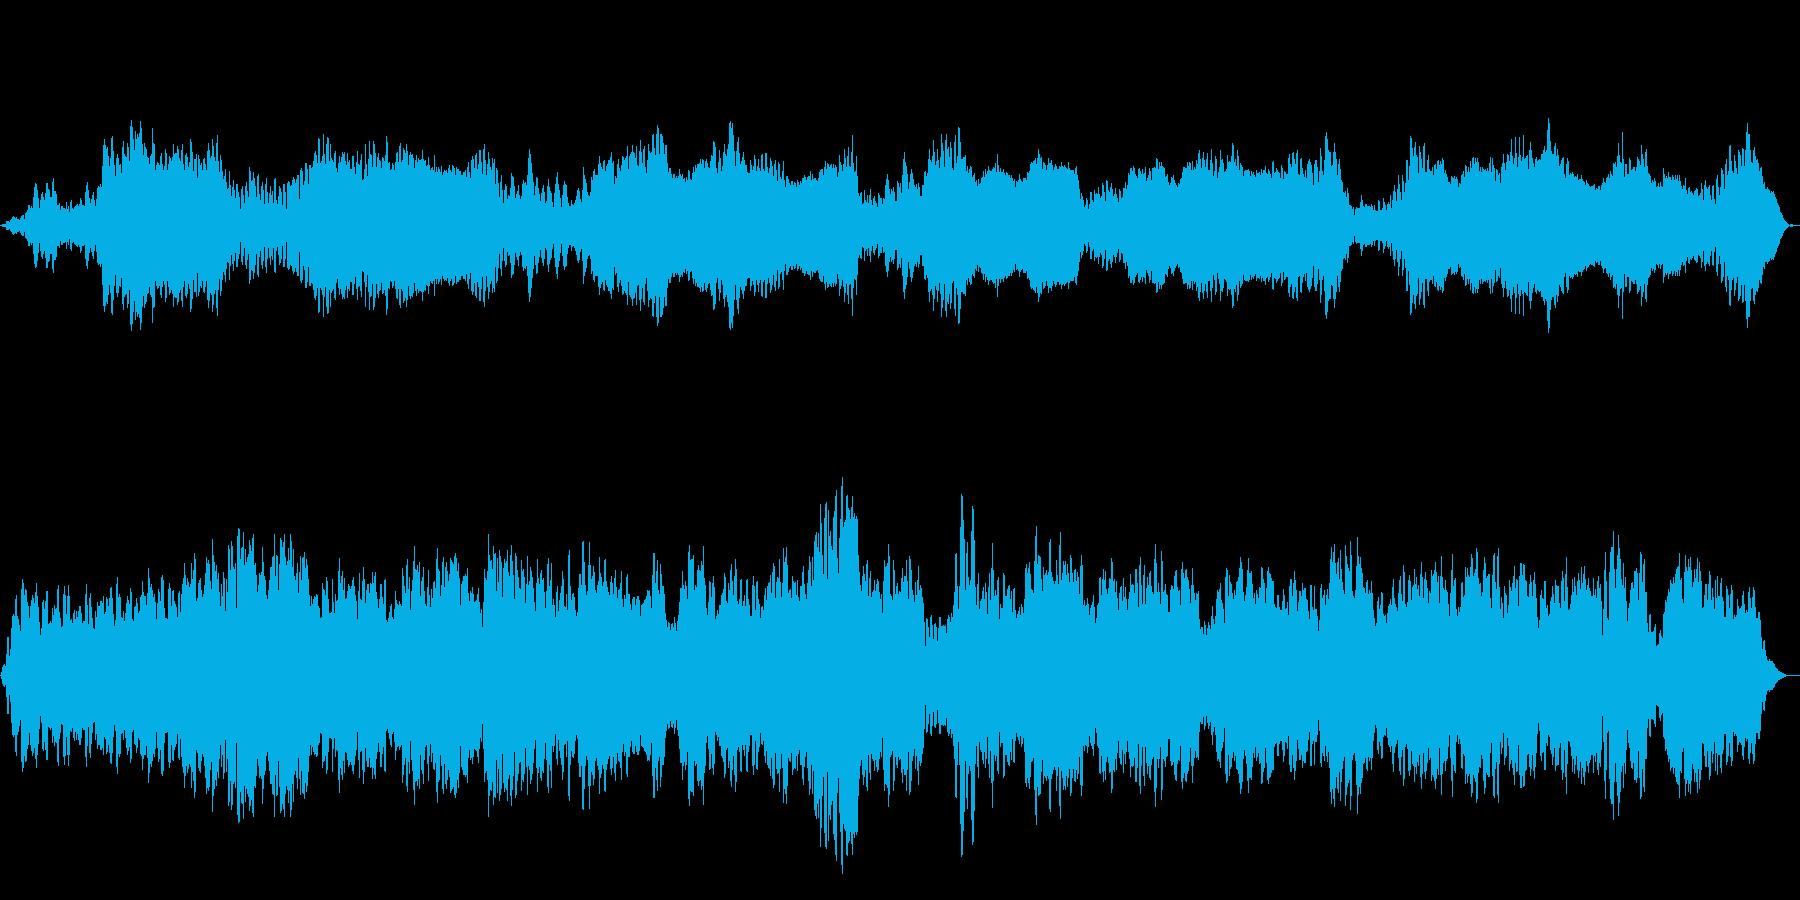 チベット風ヒーリング・幻想的な瞑想音楽の再生済みの波形